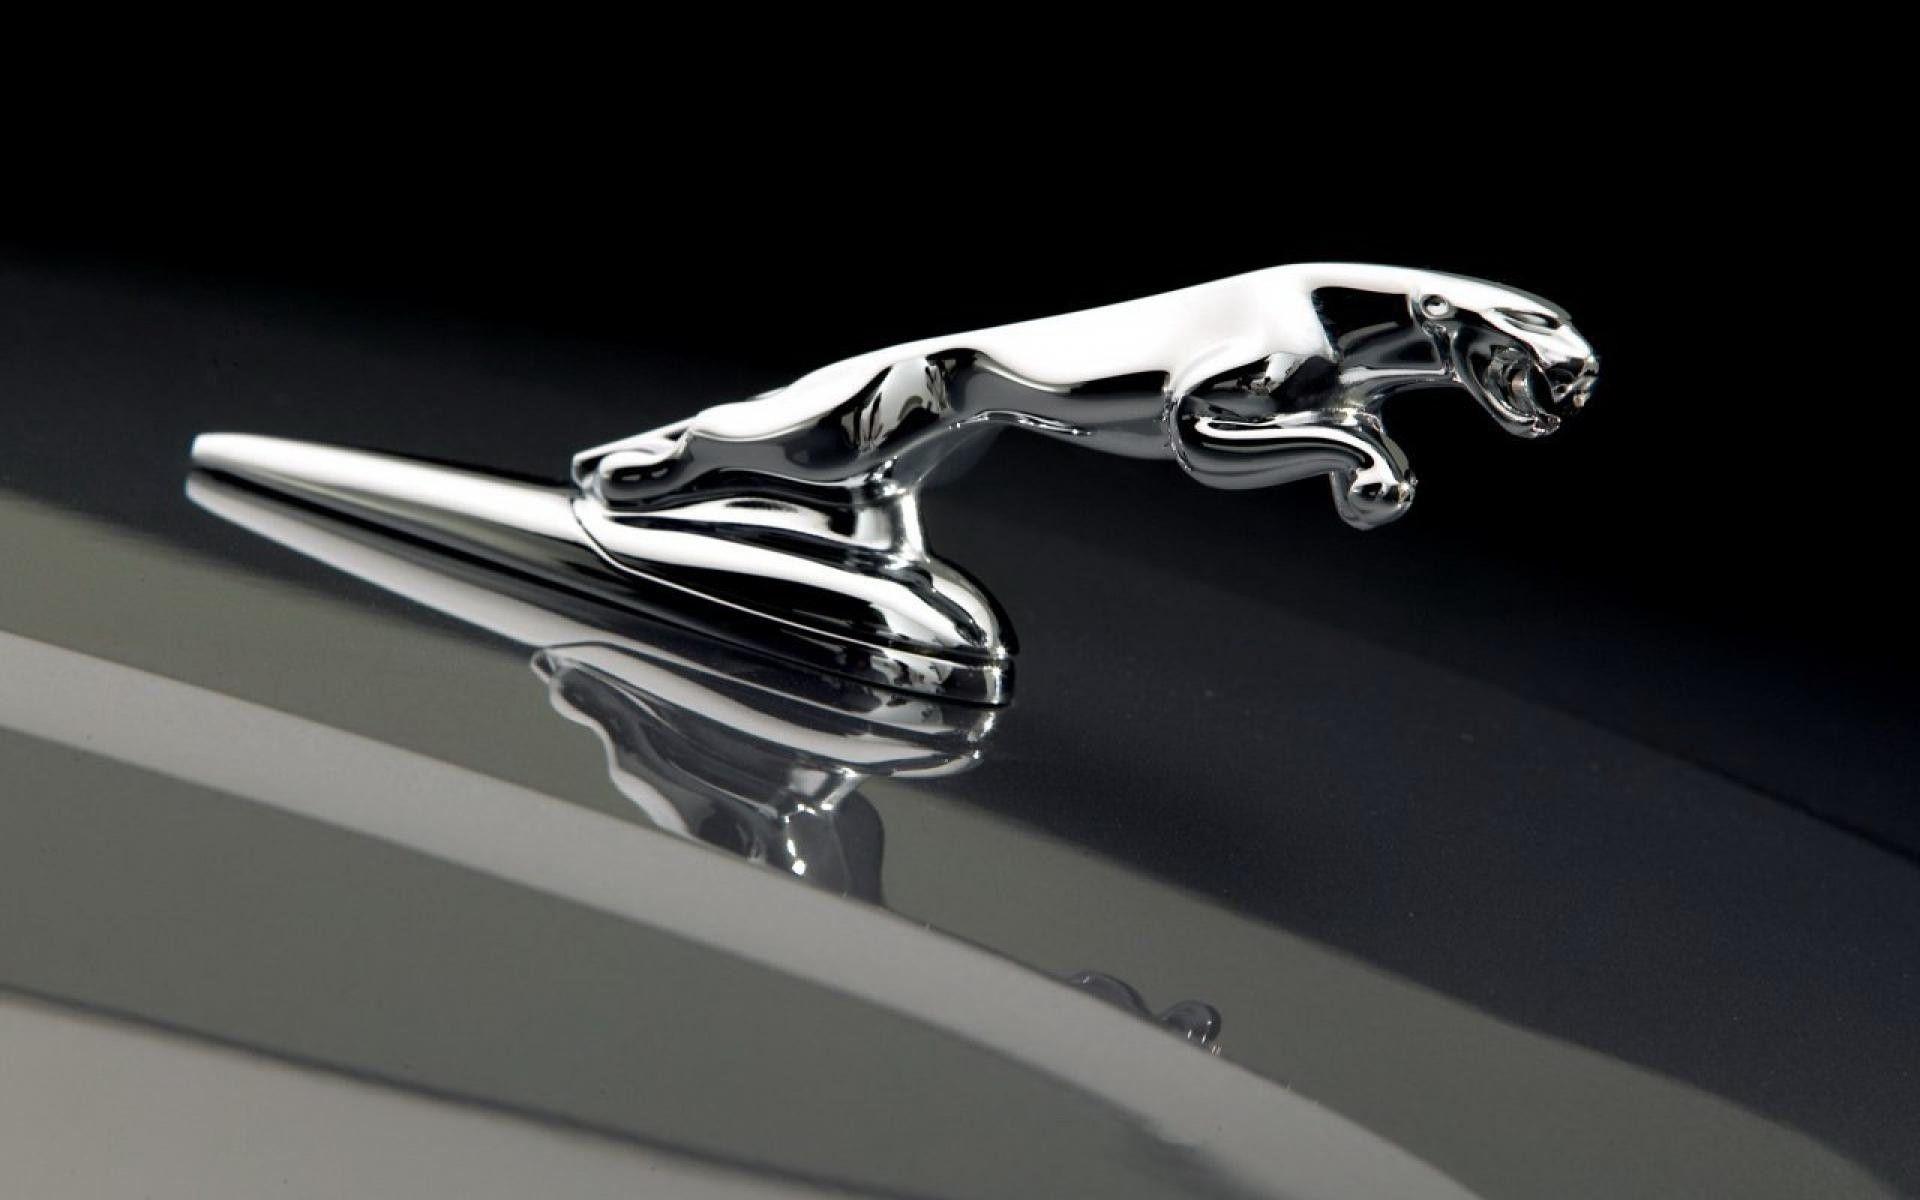 Jaguar Car Logo Hd Wallpapers Top Free Jaguar Car Logo Hd